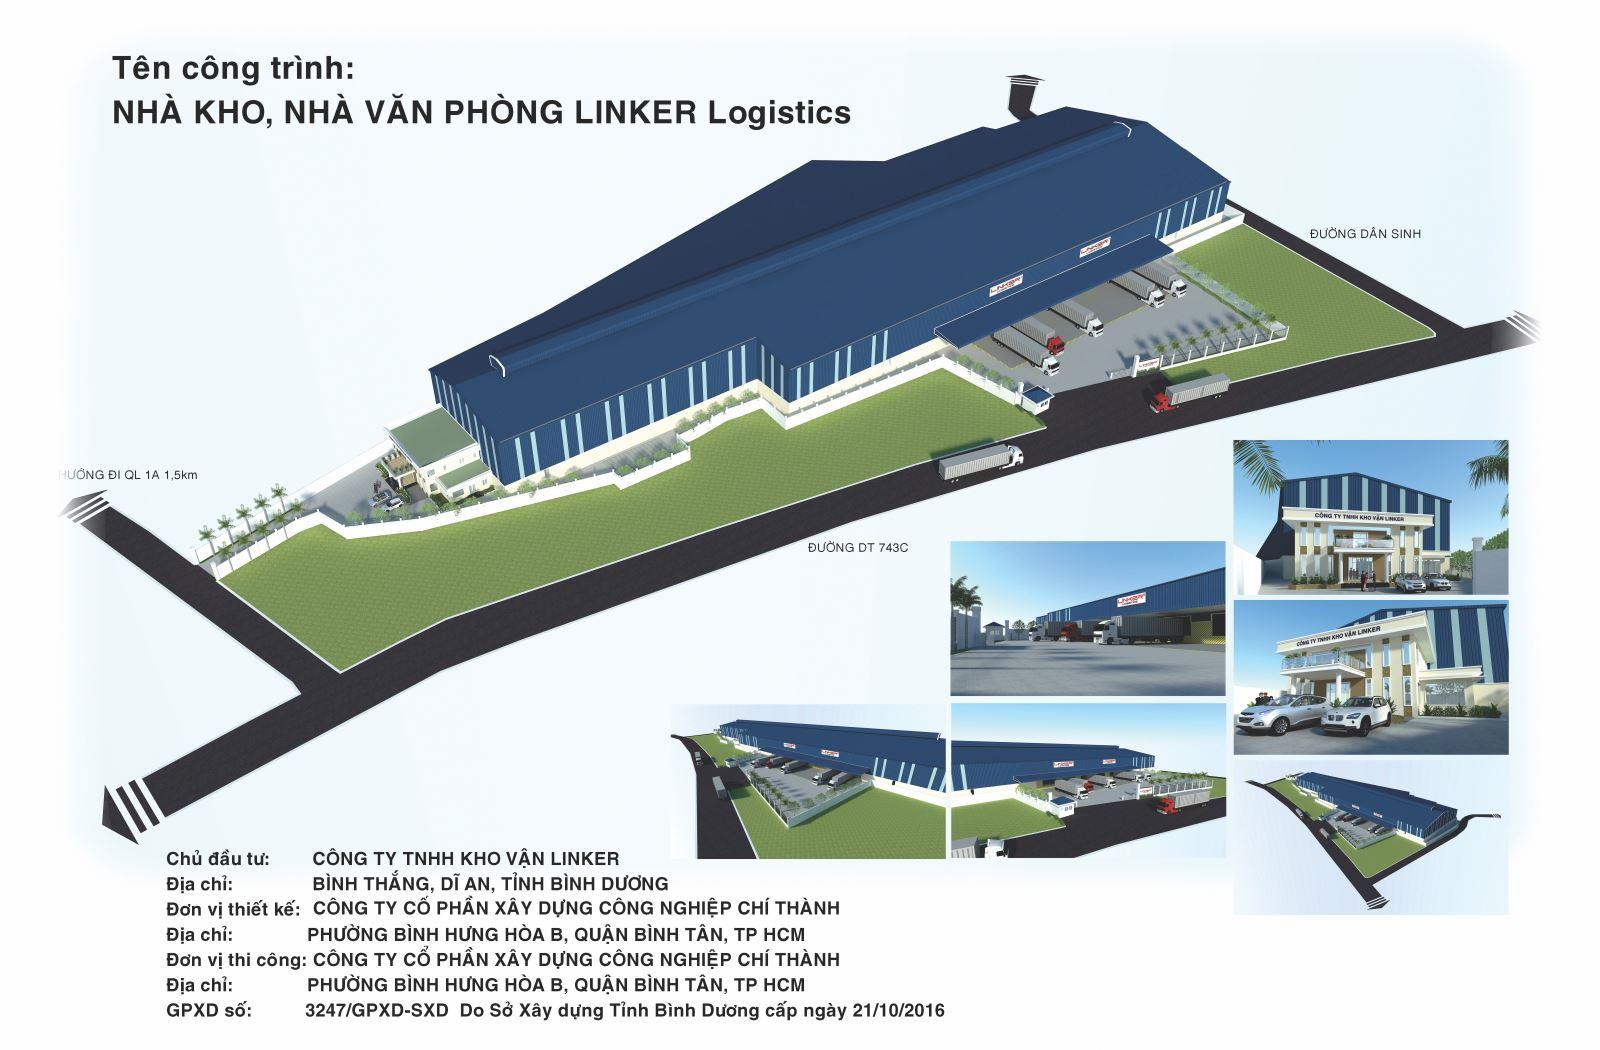 Công trình nhà kho Linker